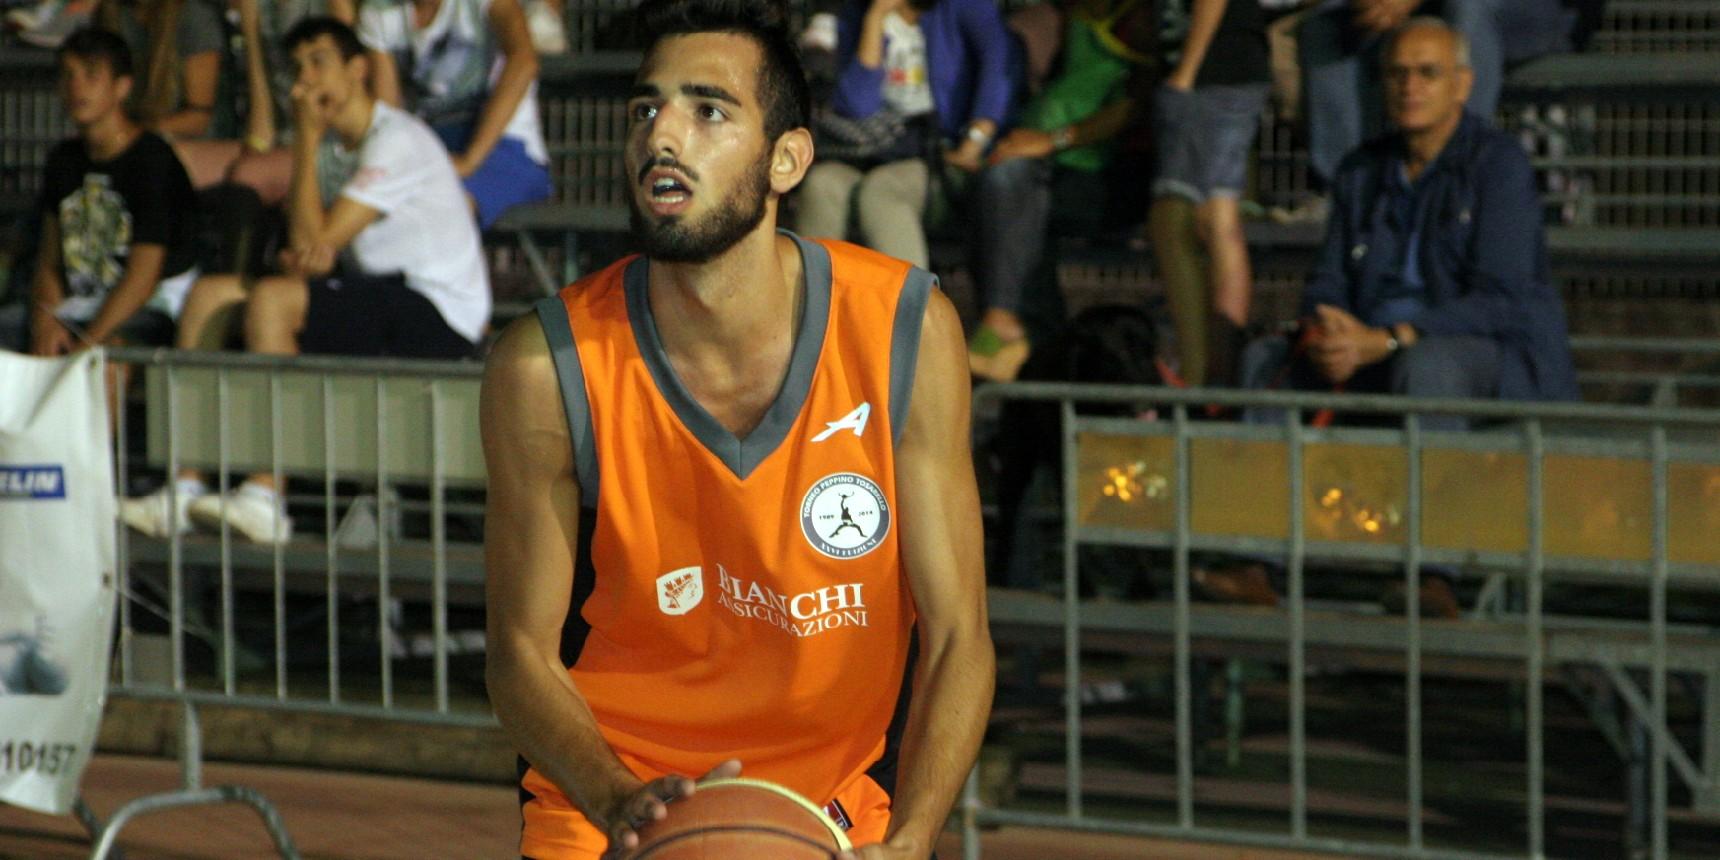 Matteo Caridà è un giocatore della Ecoelpidiense Stella P.S.Elpidio